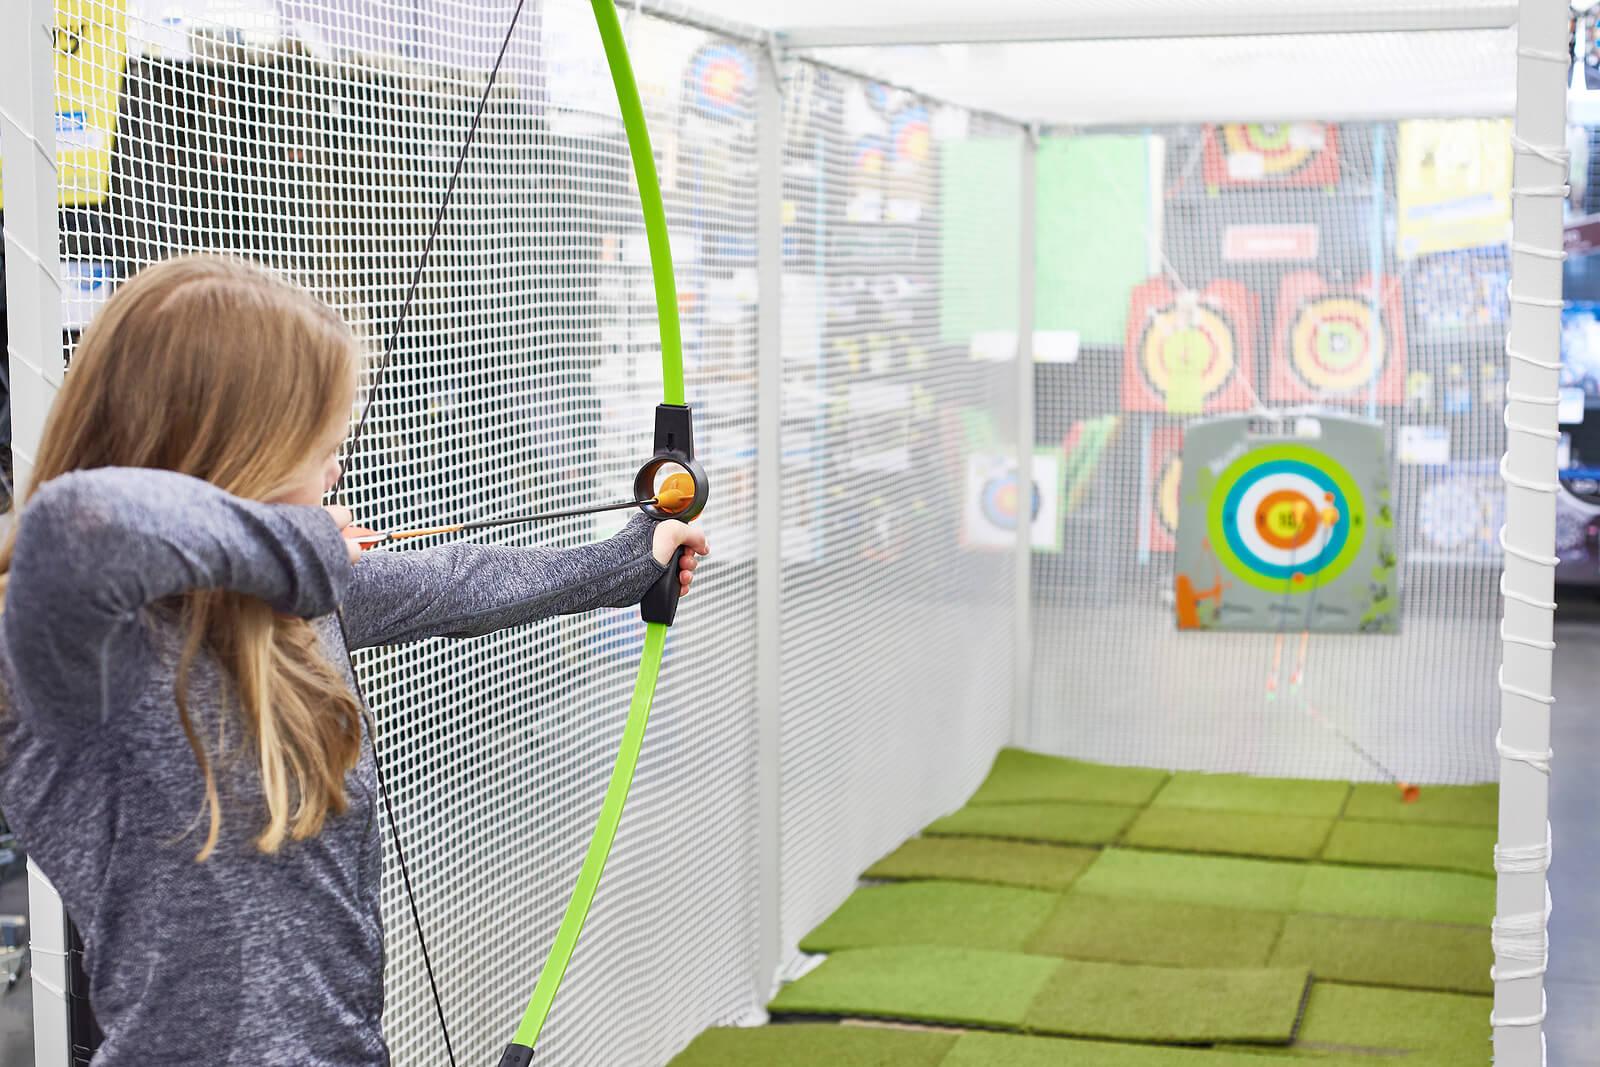 Chica adolescente practicando tiro con arco.